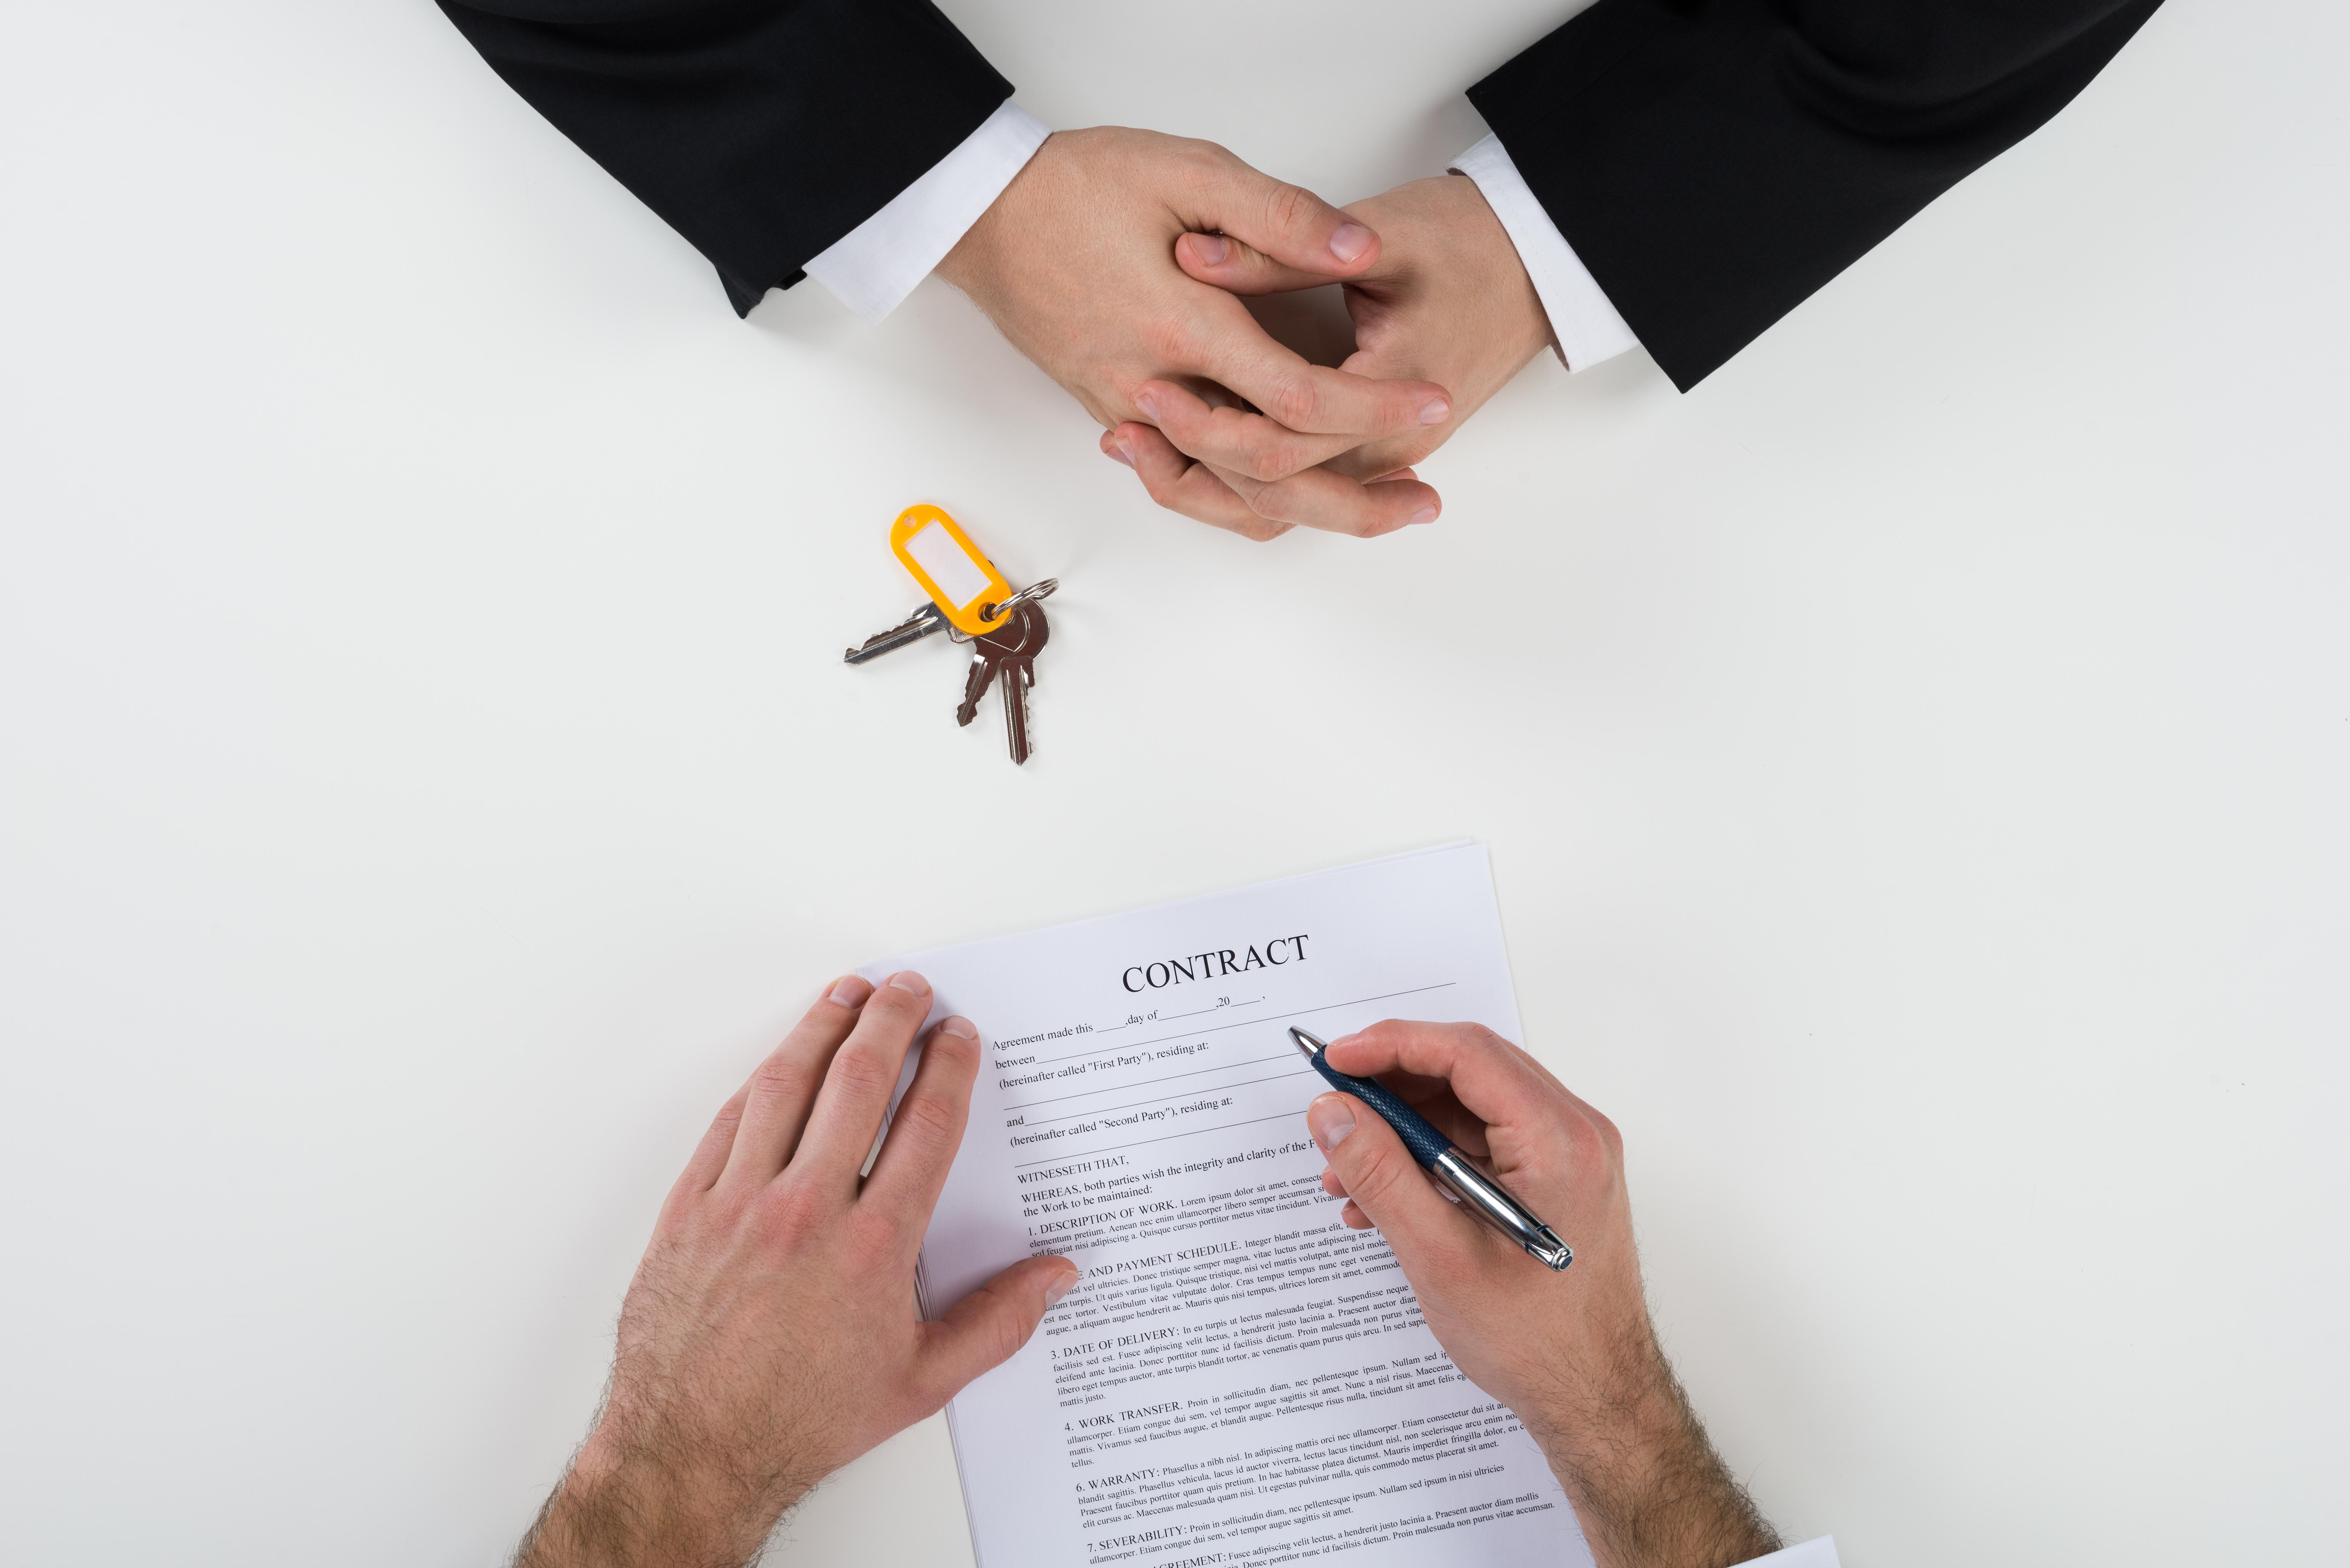 E' possibile un accordo tra inquilini e proprietari